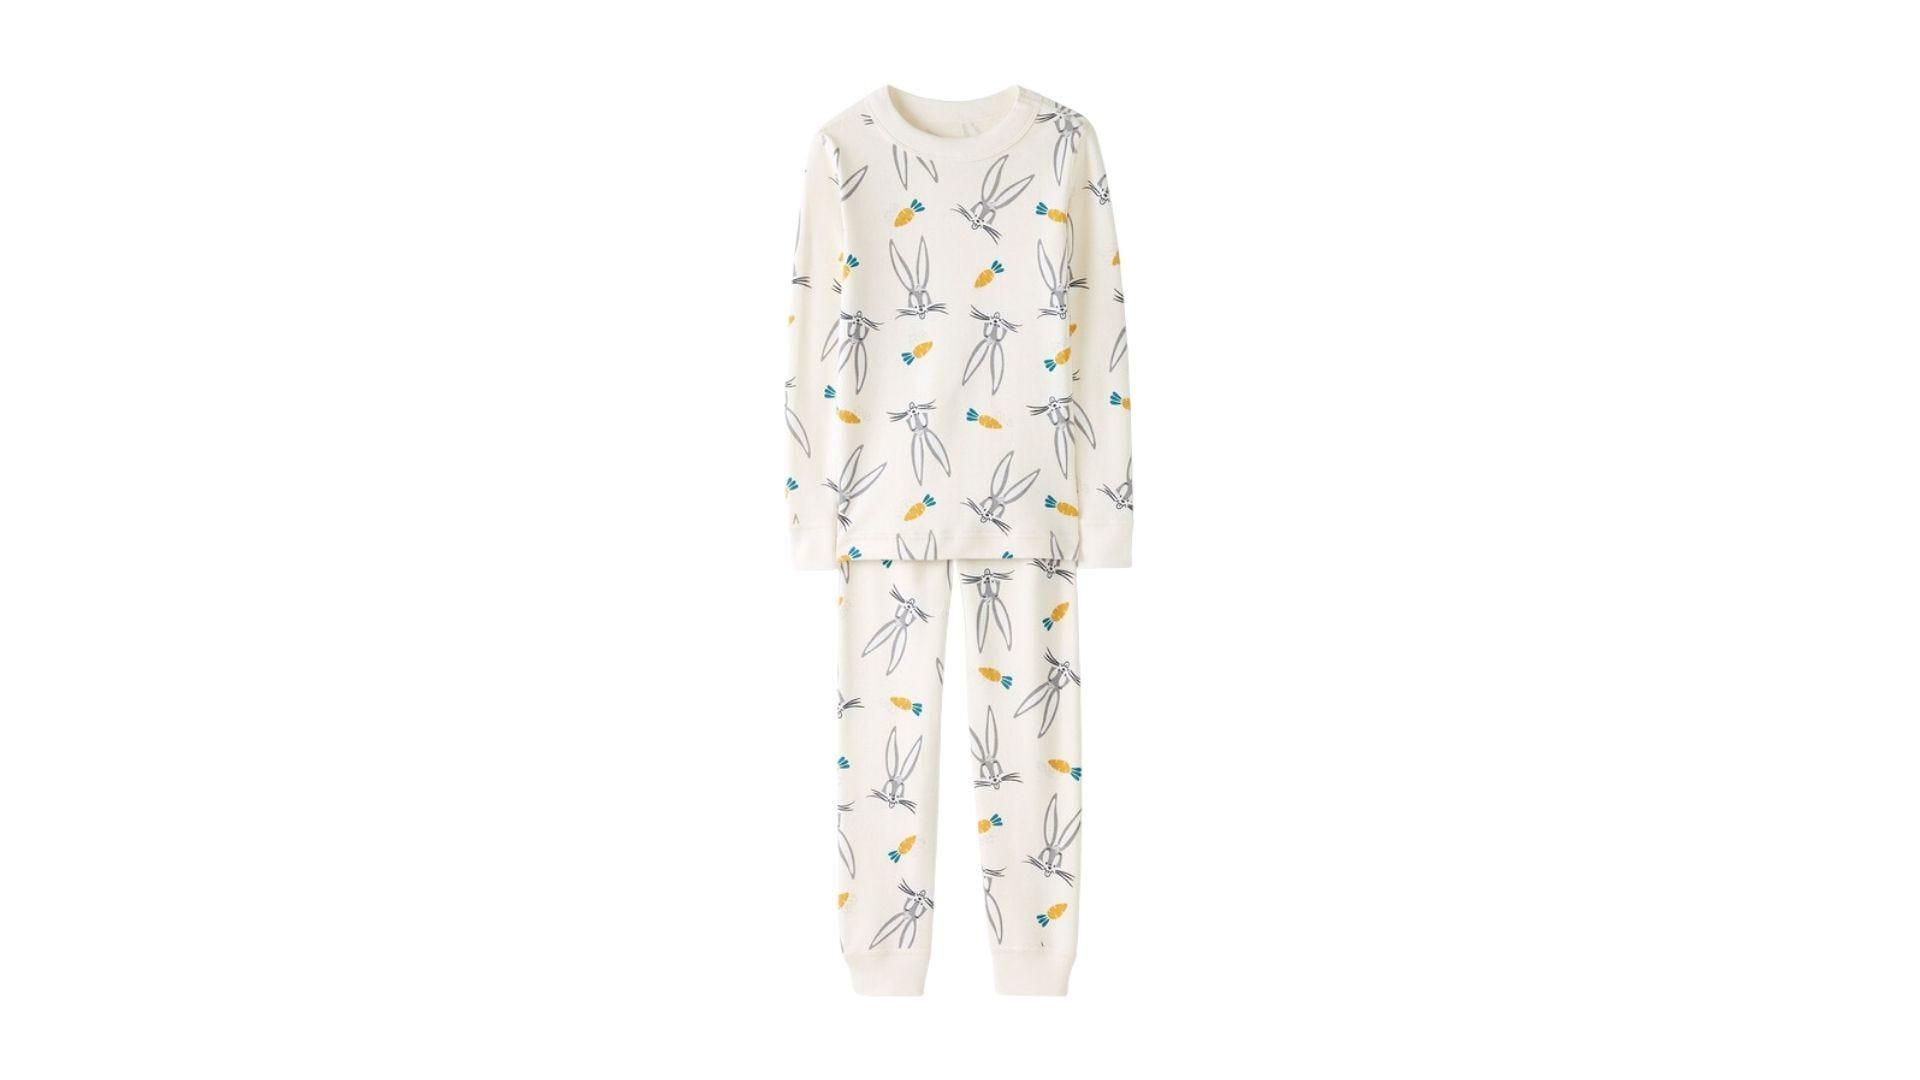 bugs bunny patterned pajamas